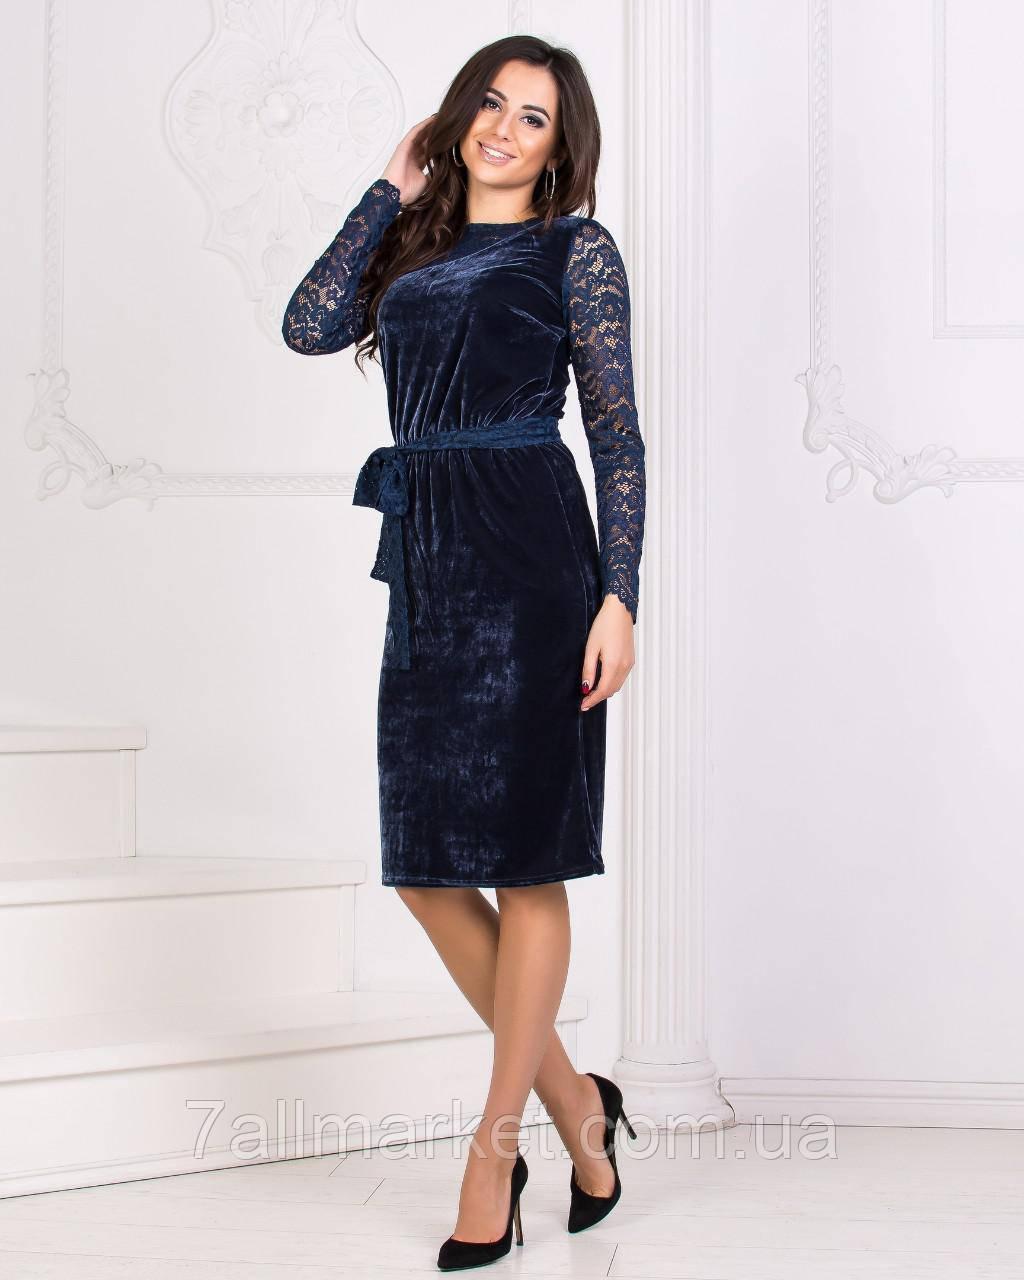 149b67a1595 Платье женское вечернее с гипюром